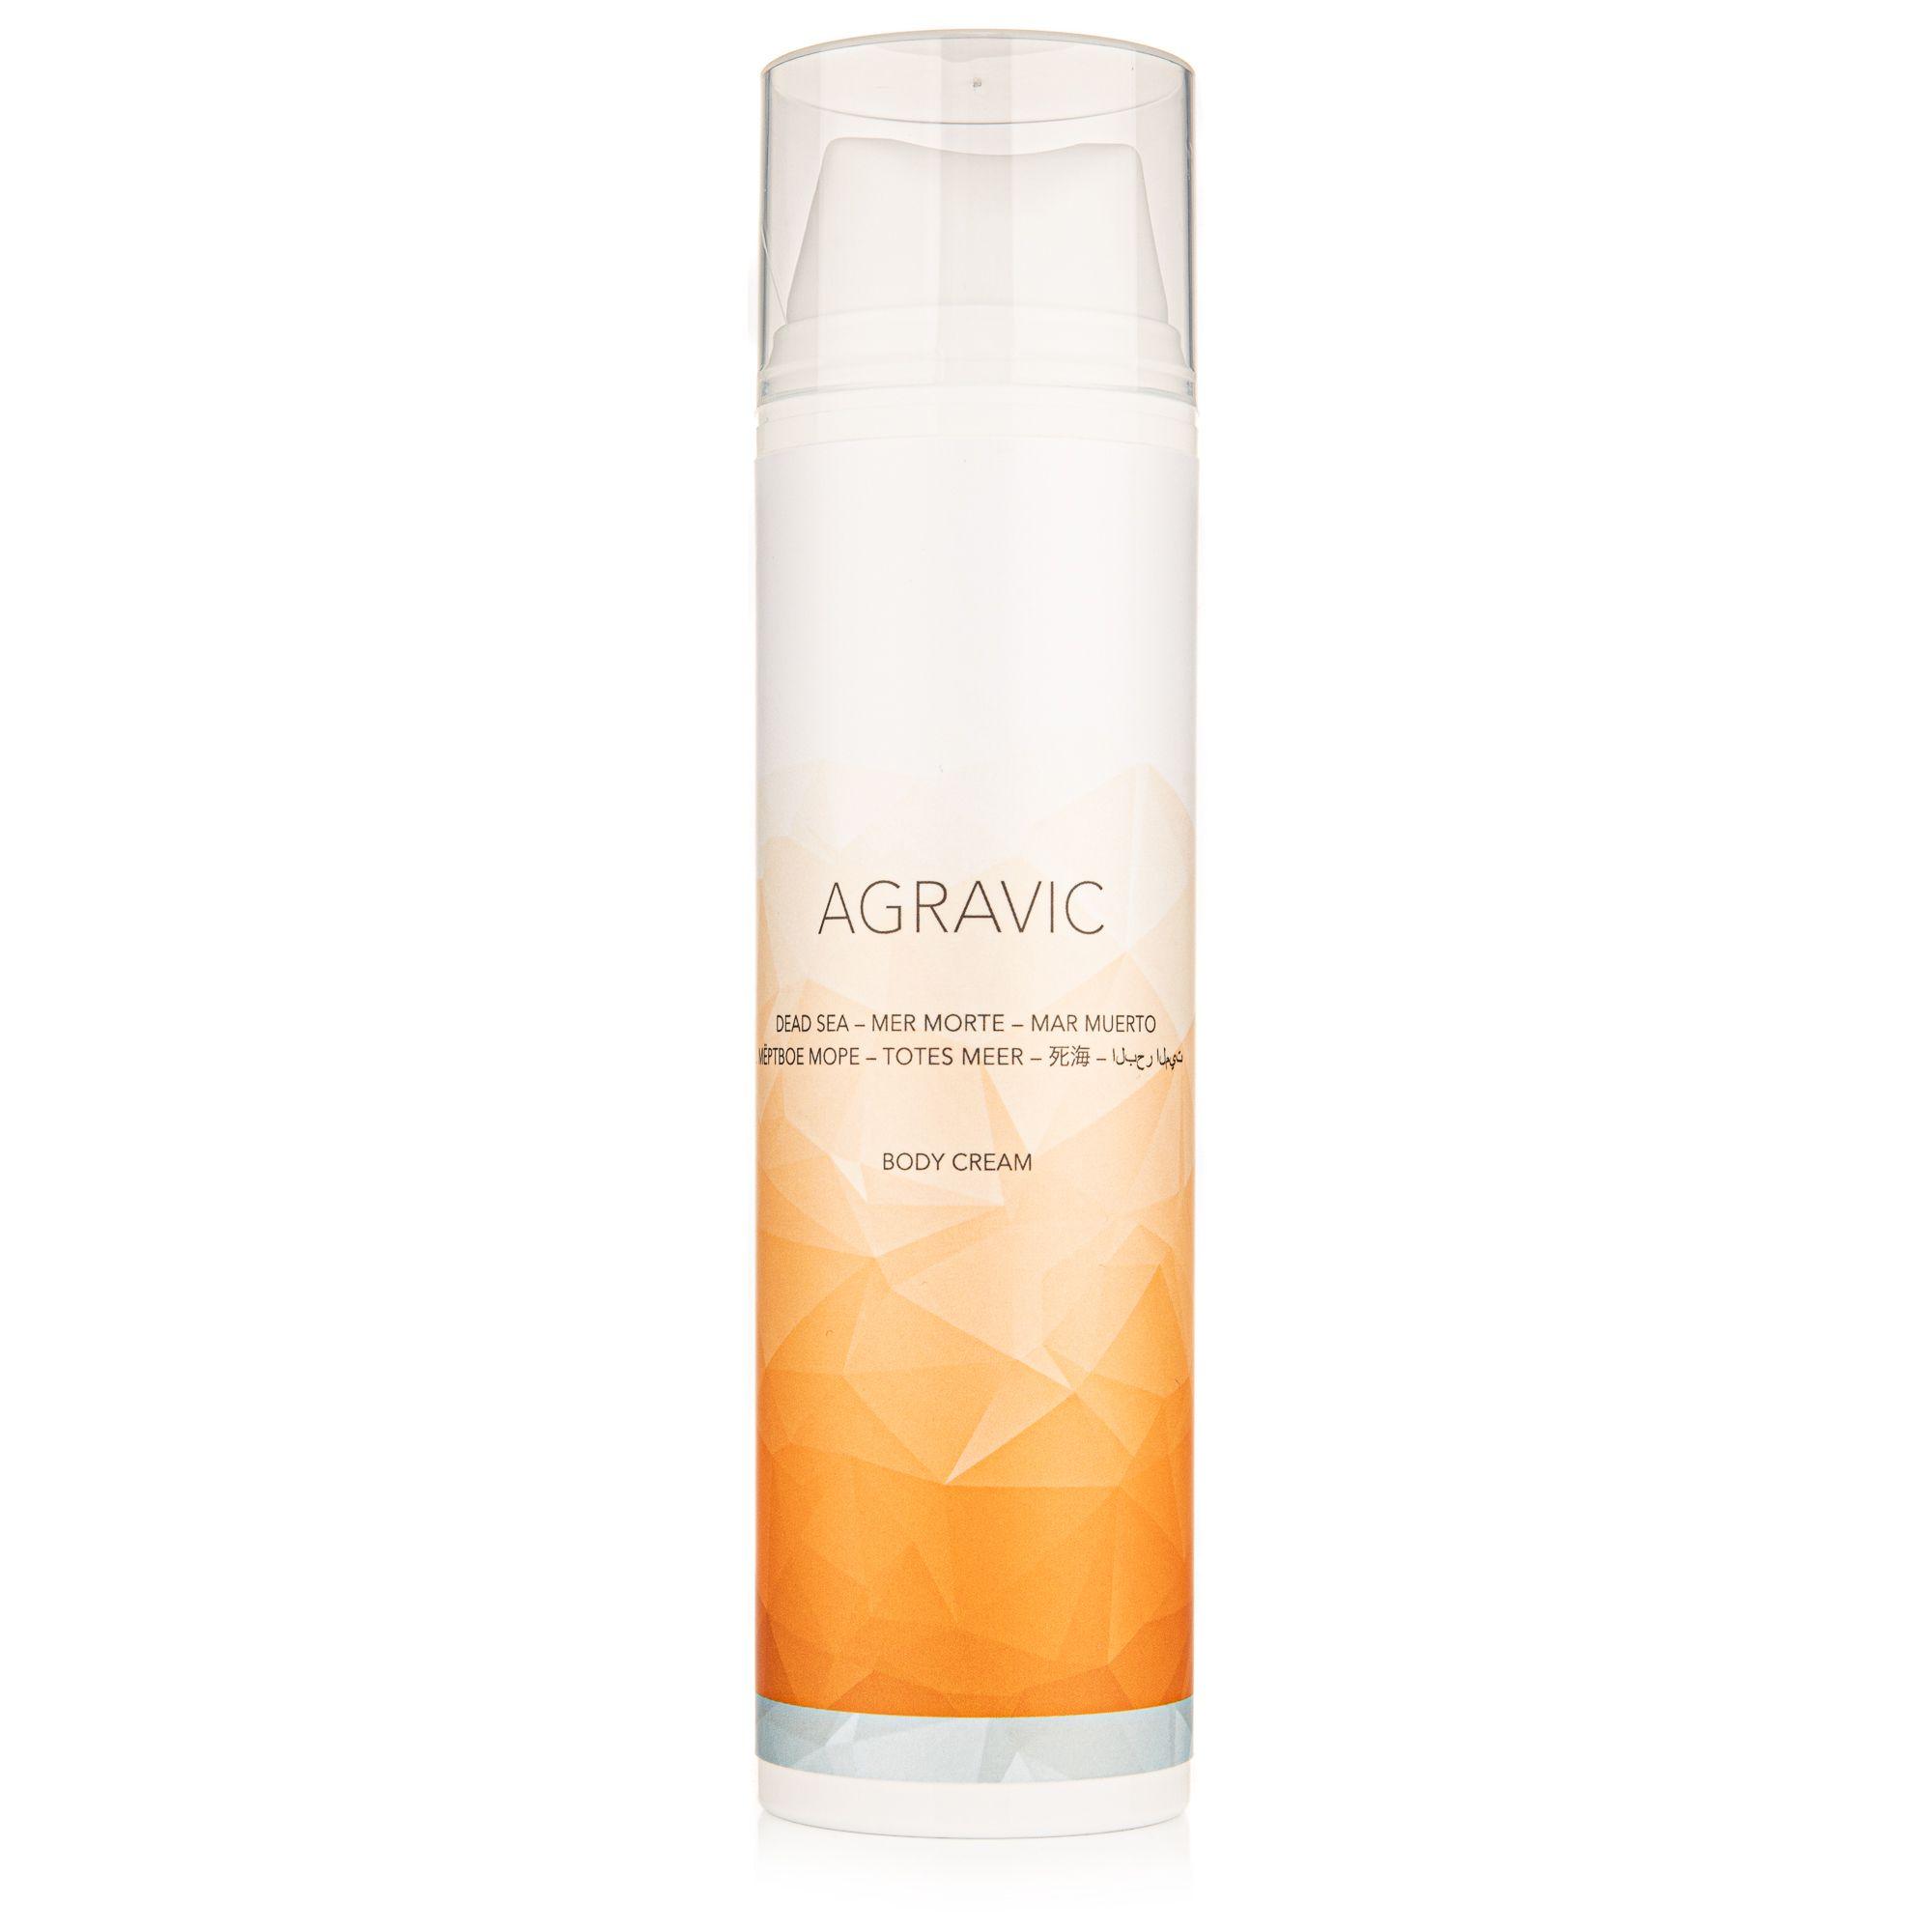 AGRAVIC Dead Sea Cosmetics Body Cream 200ml